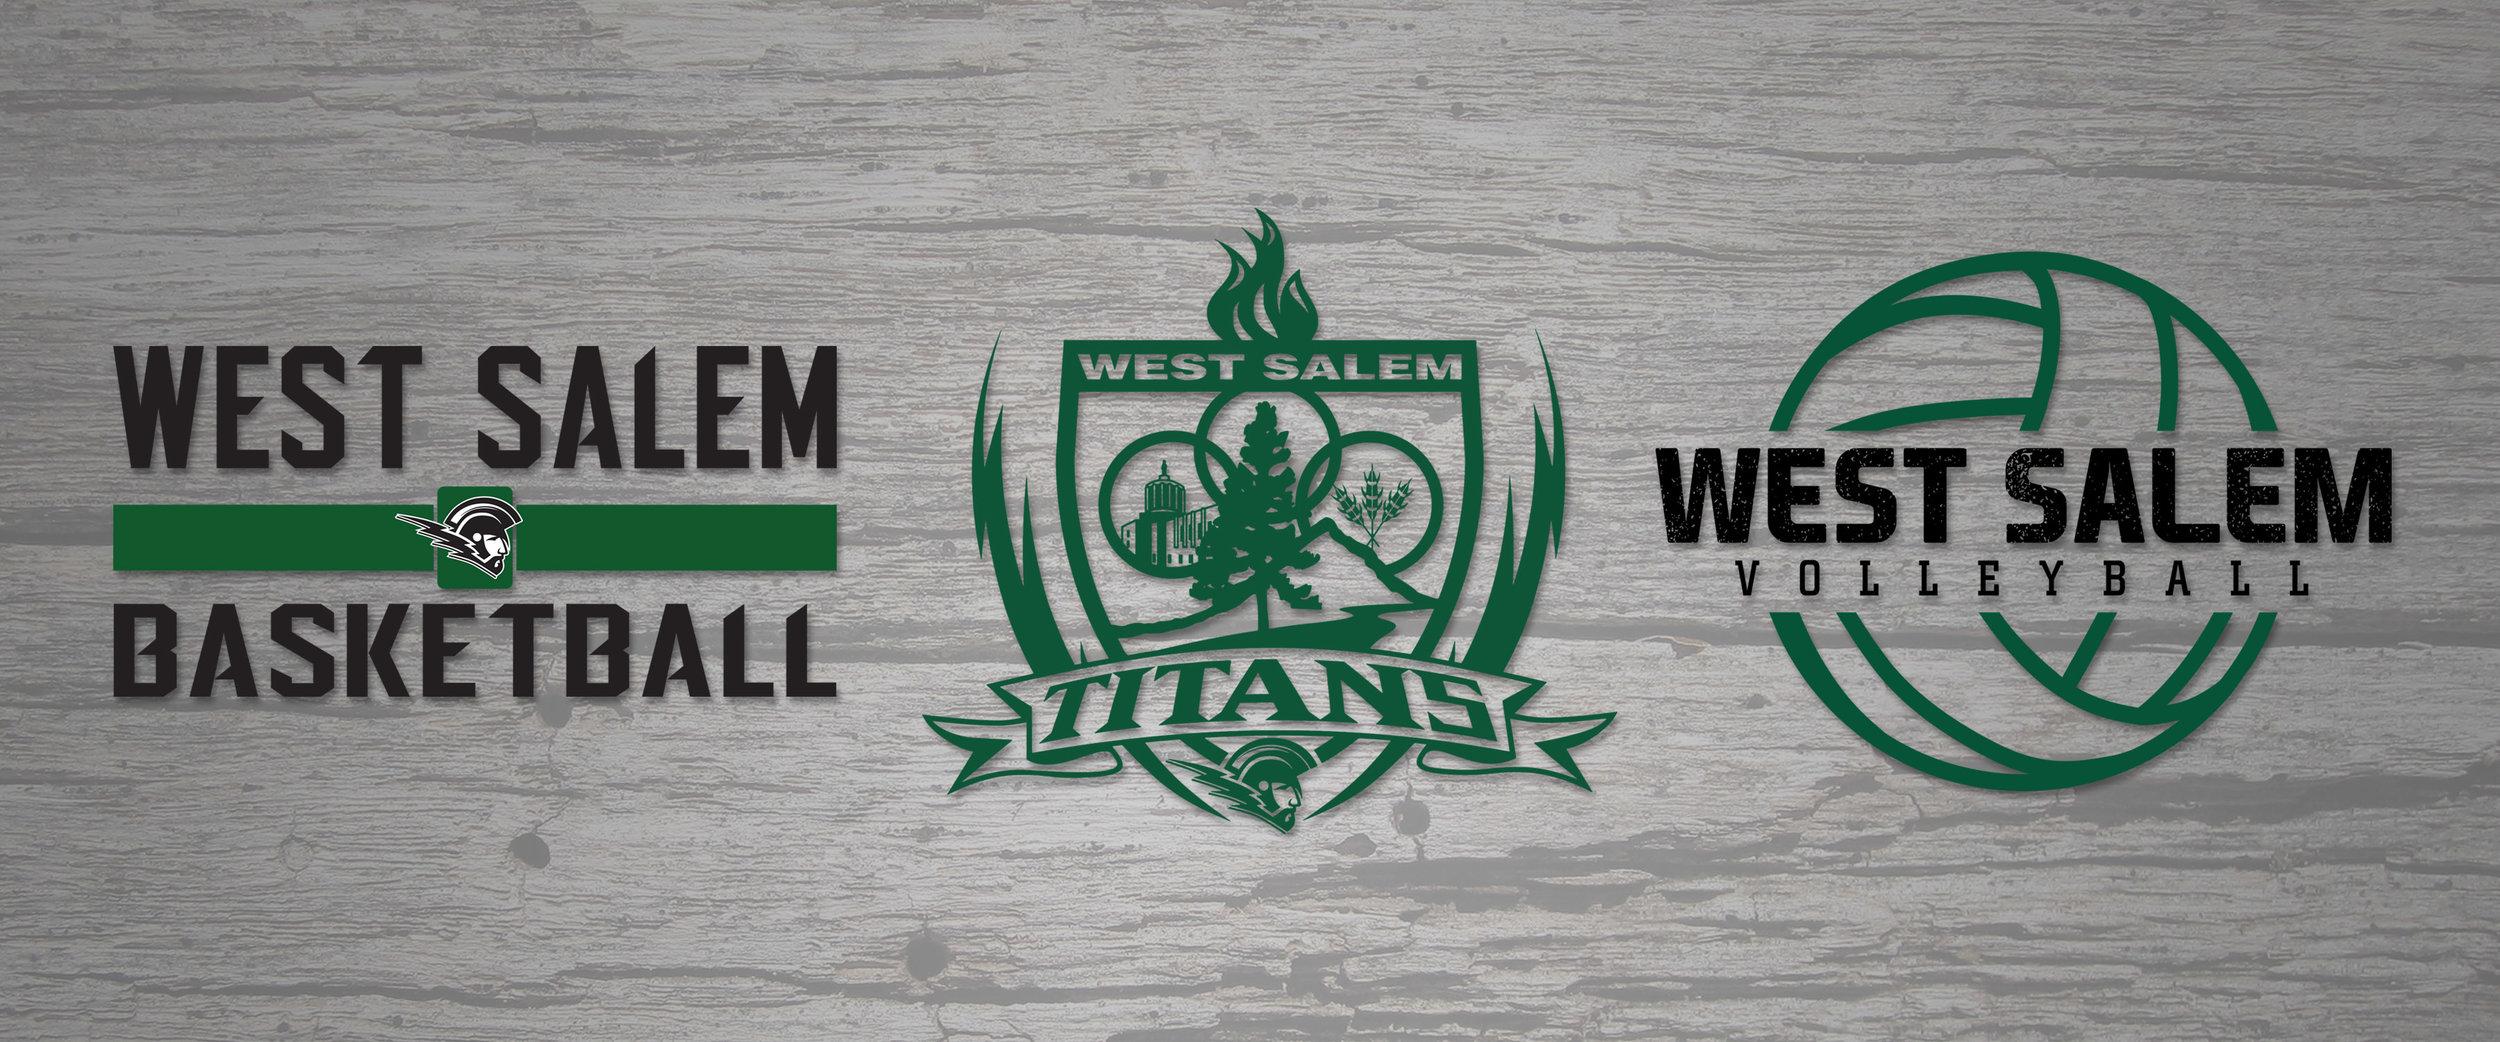 Wears My Shirt - Custom Products Anything - School Artwork Logo West Salem.jpg